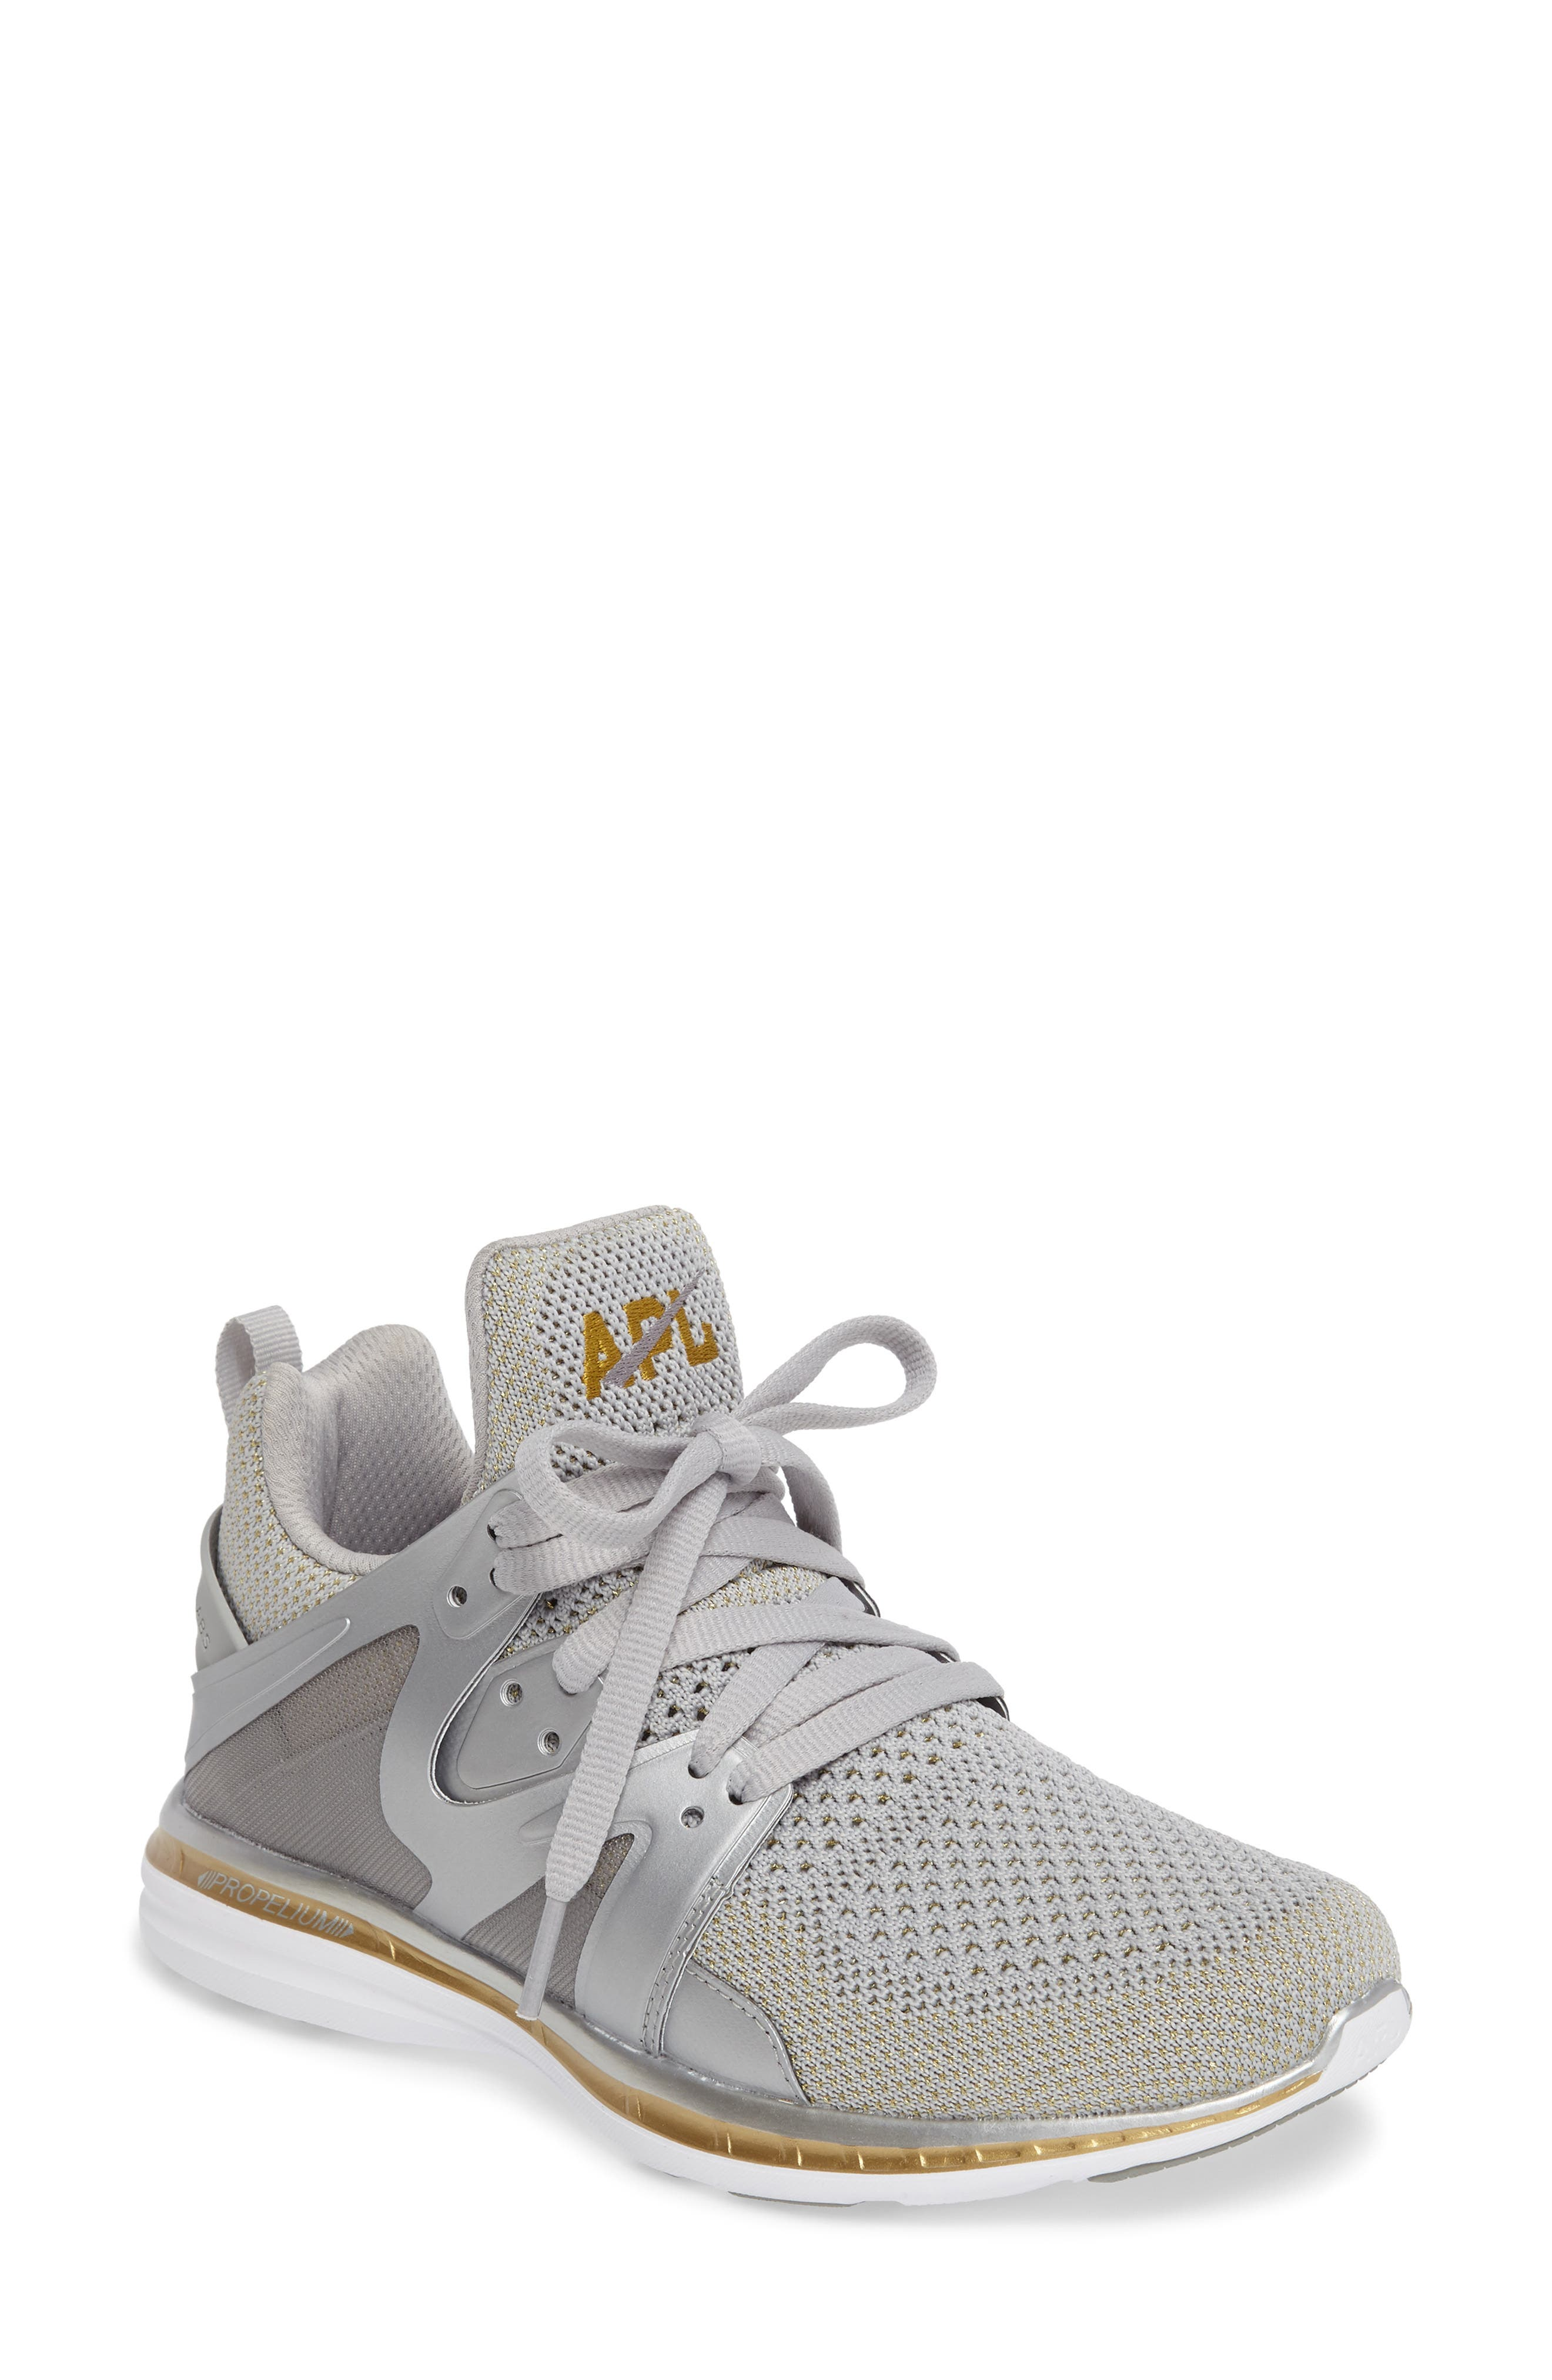 Main Image - APL 'Ascend' Training Shoe (Women)